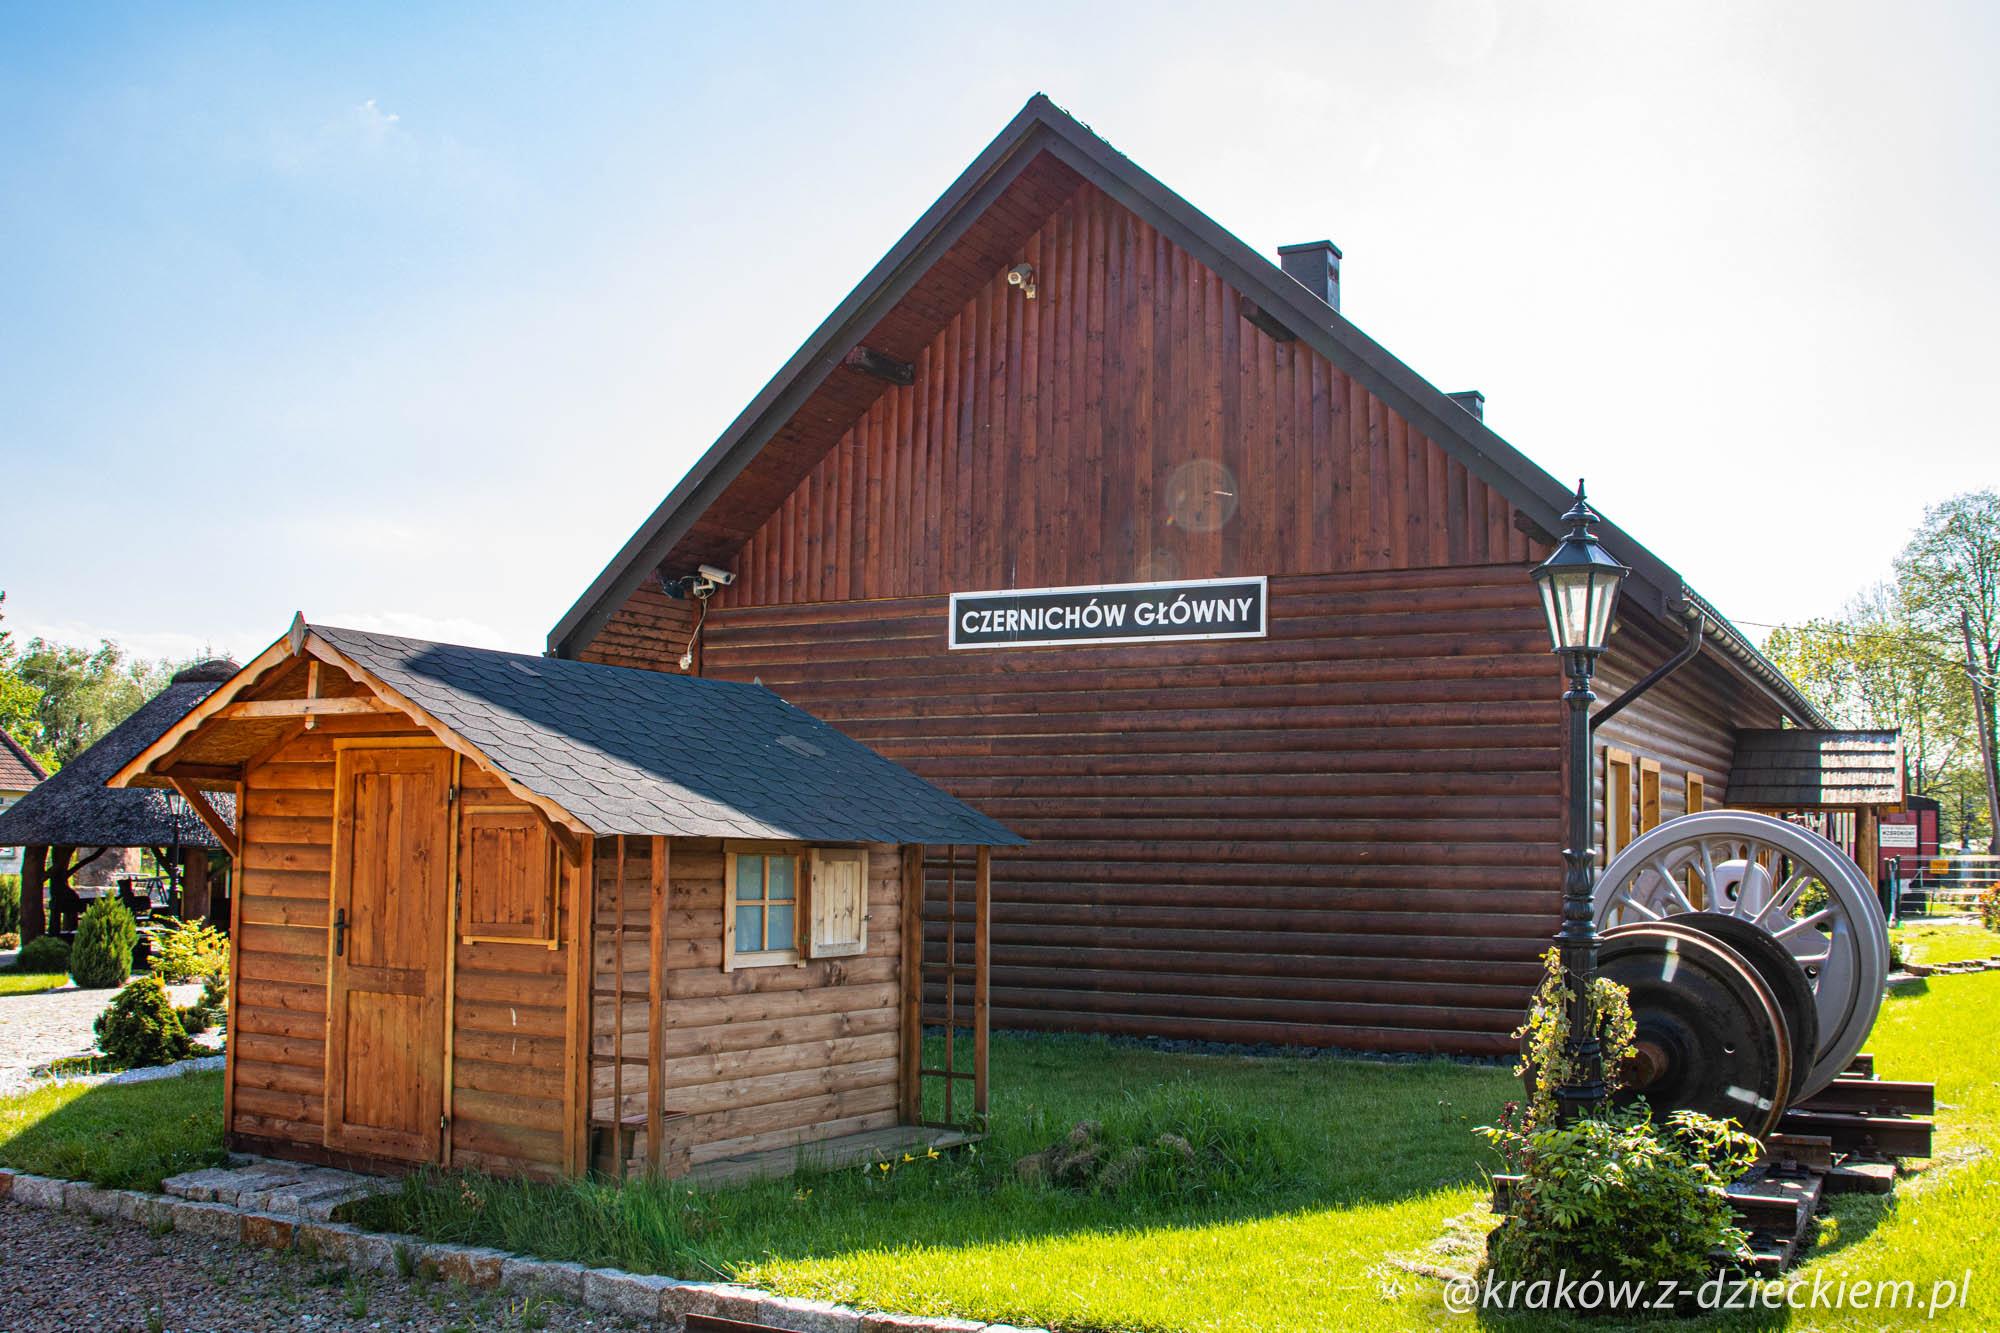 Stacja Muzeum Czernichów Główny